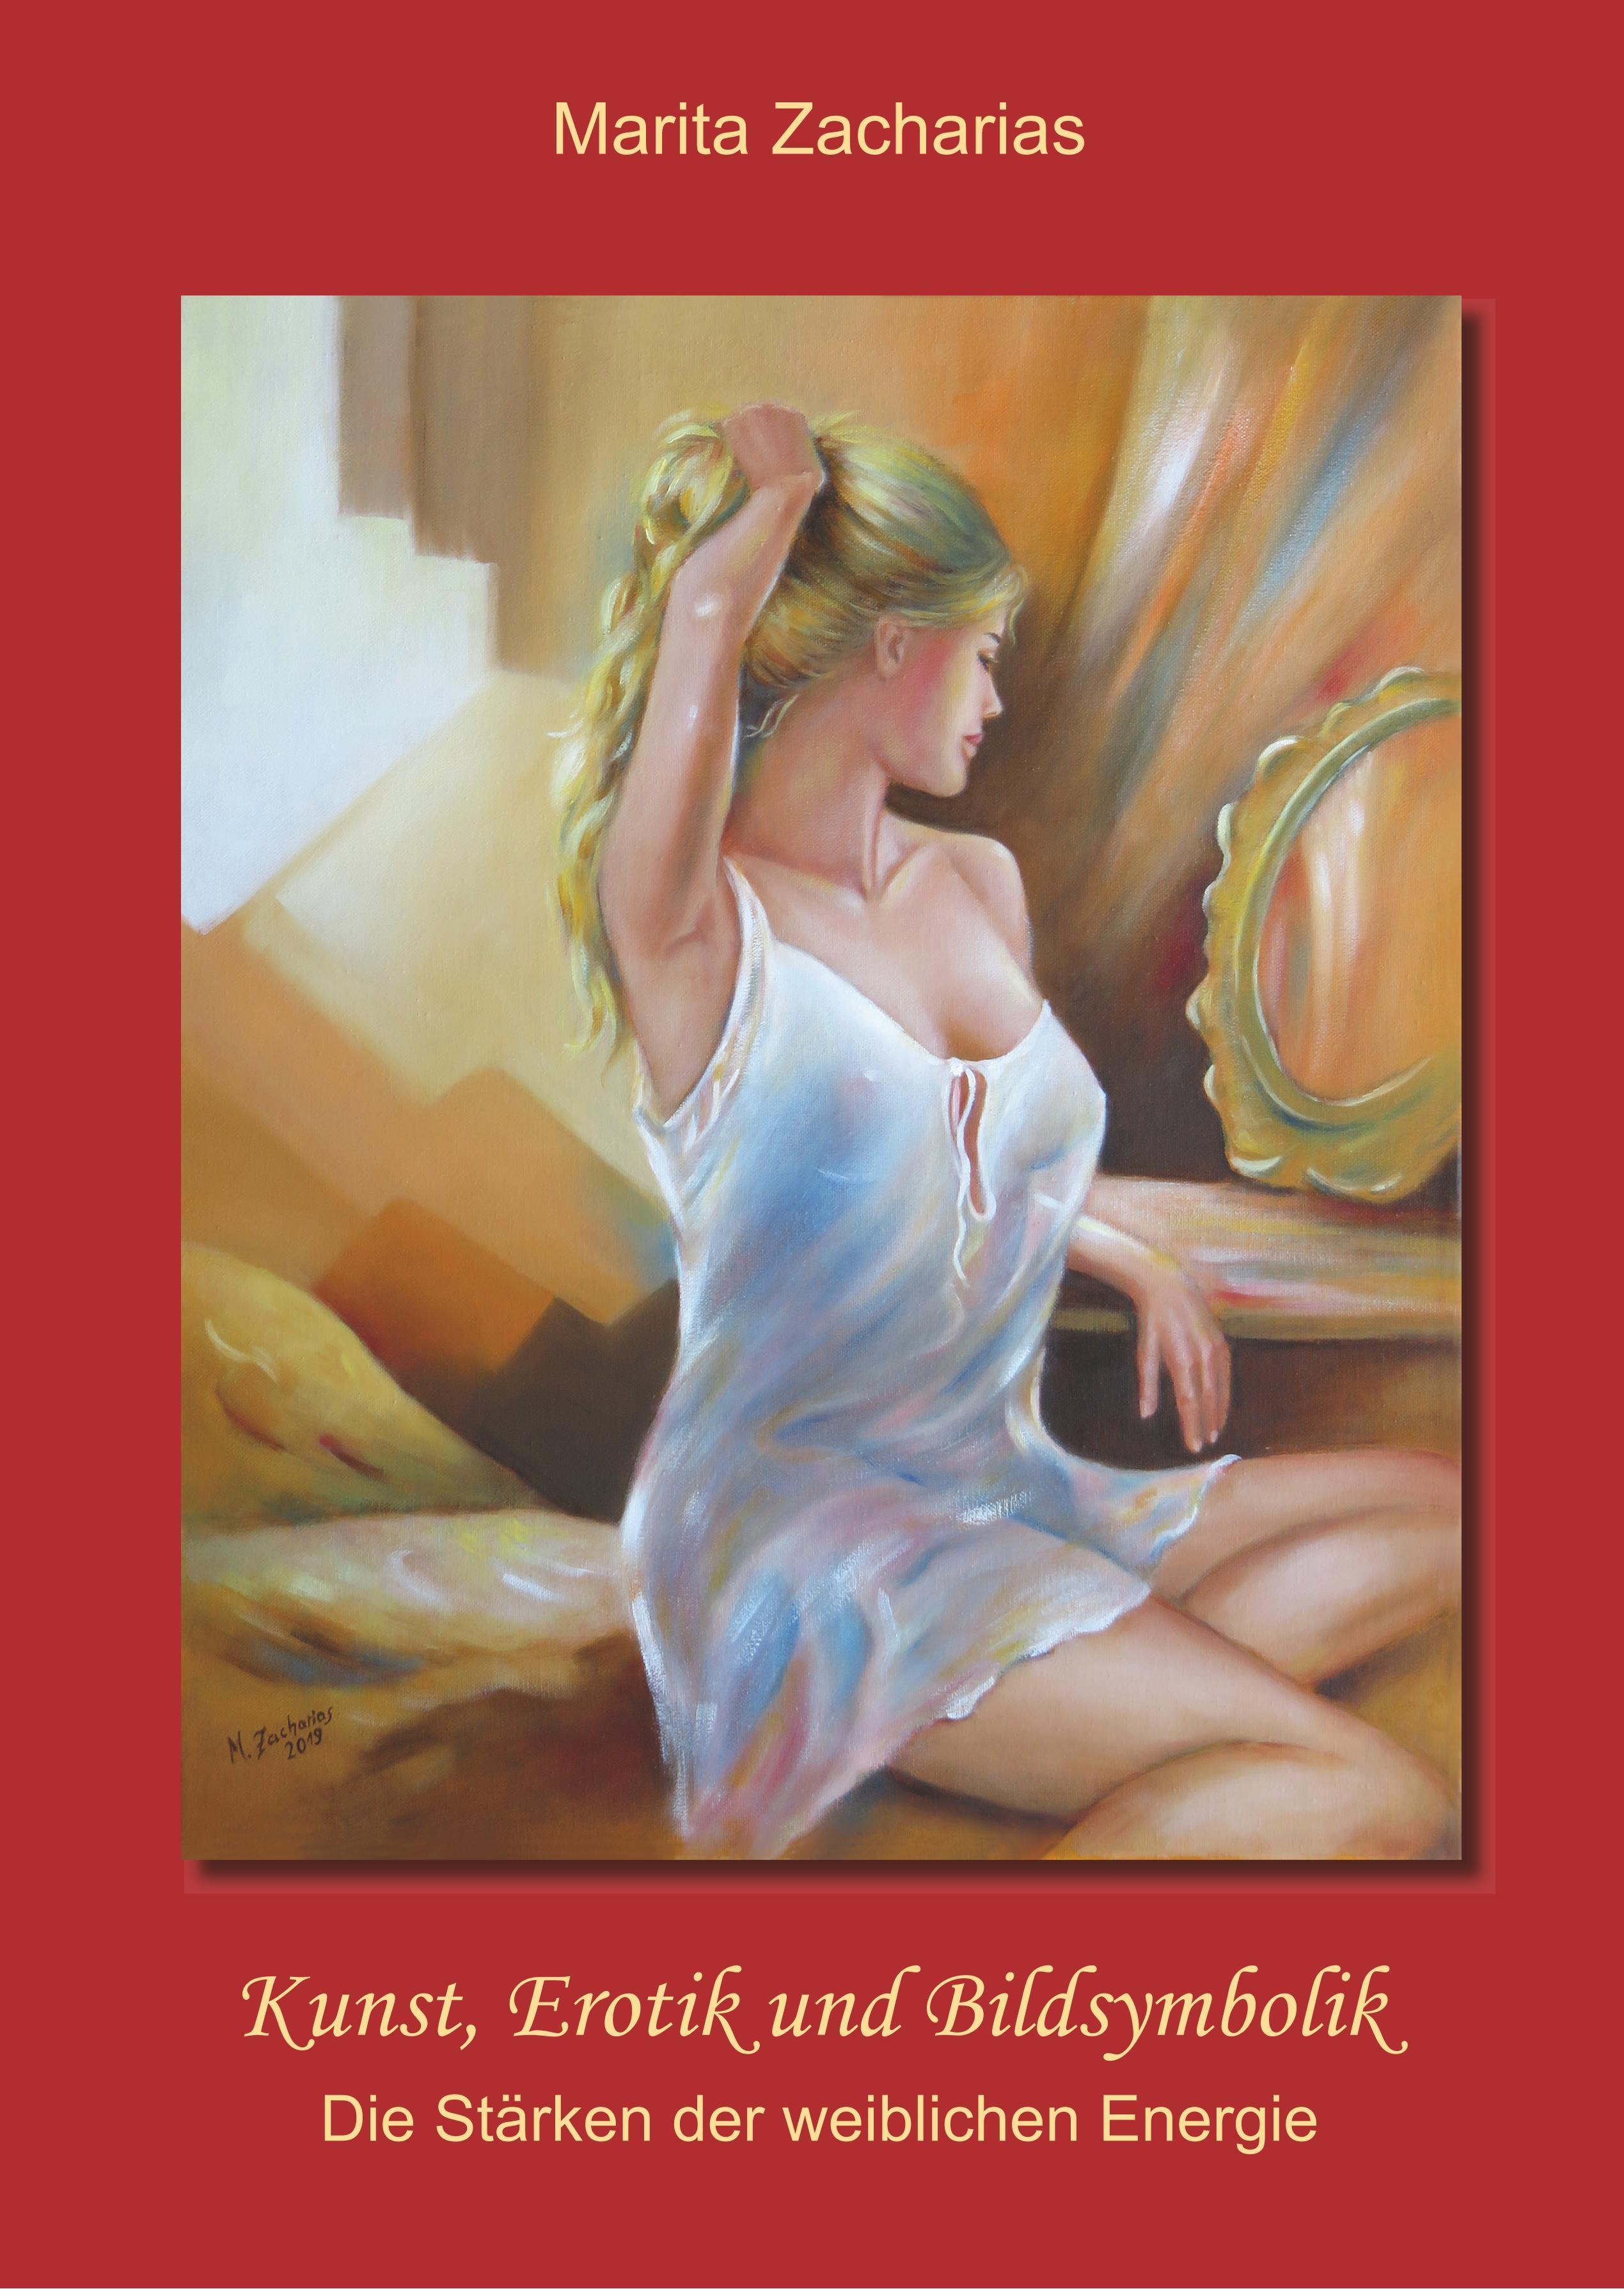 kunst, erotik und bildsymbolik